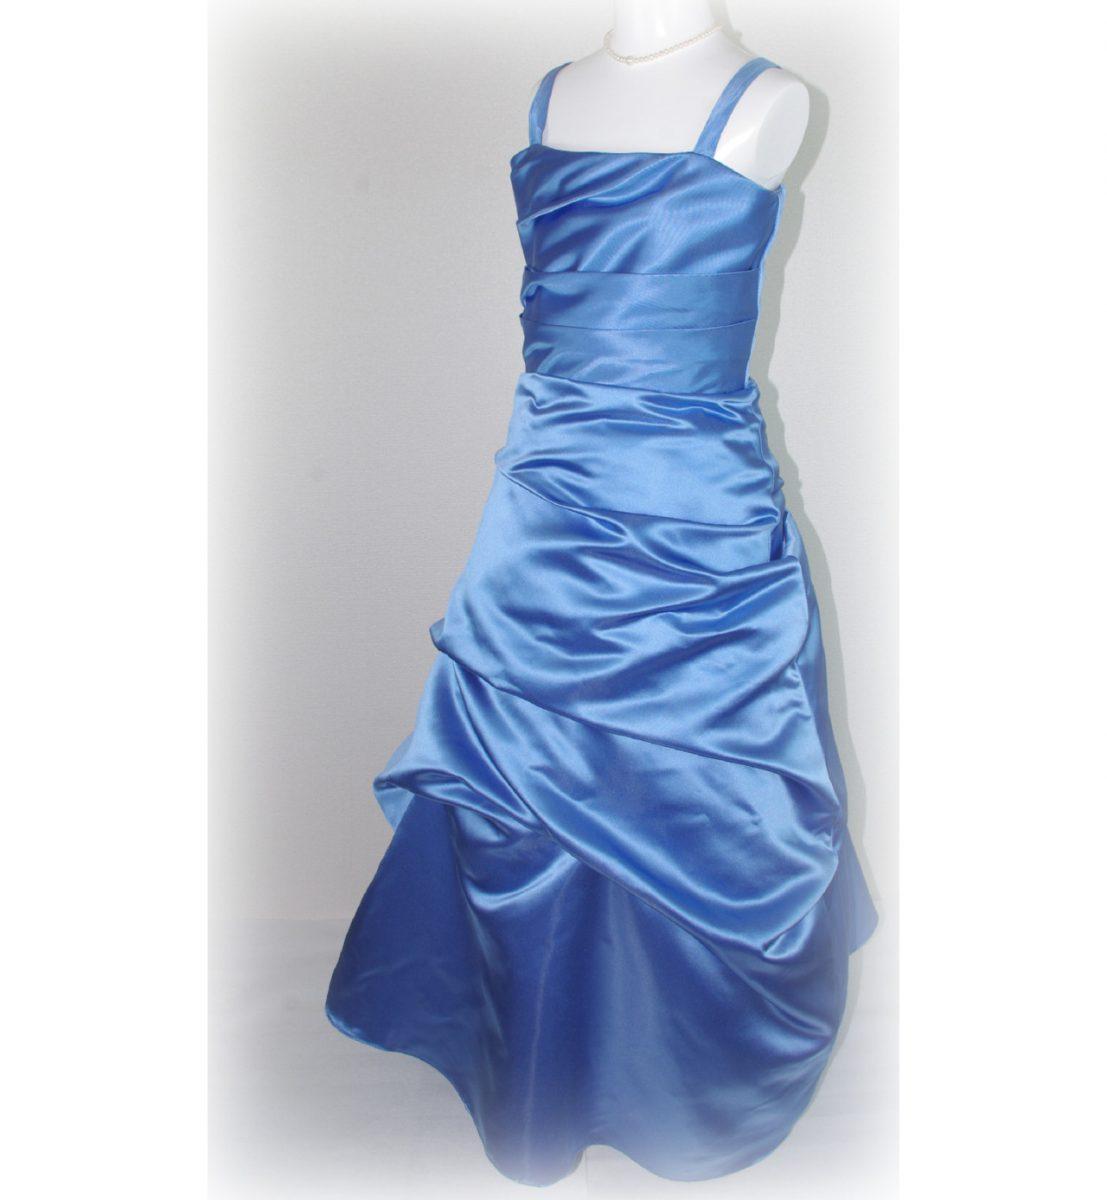 子供ドレス「ロイズ」ノーブル・ブルー J8005-1